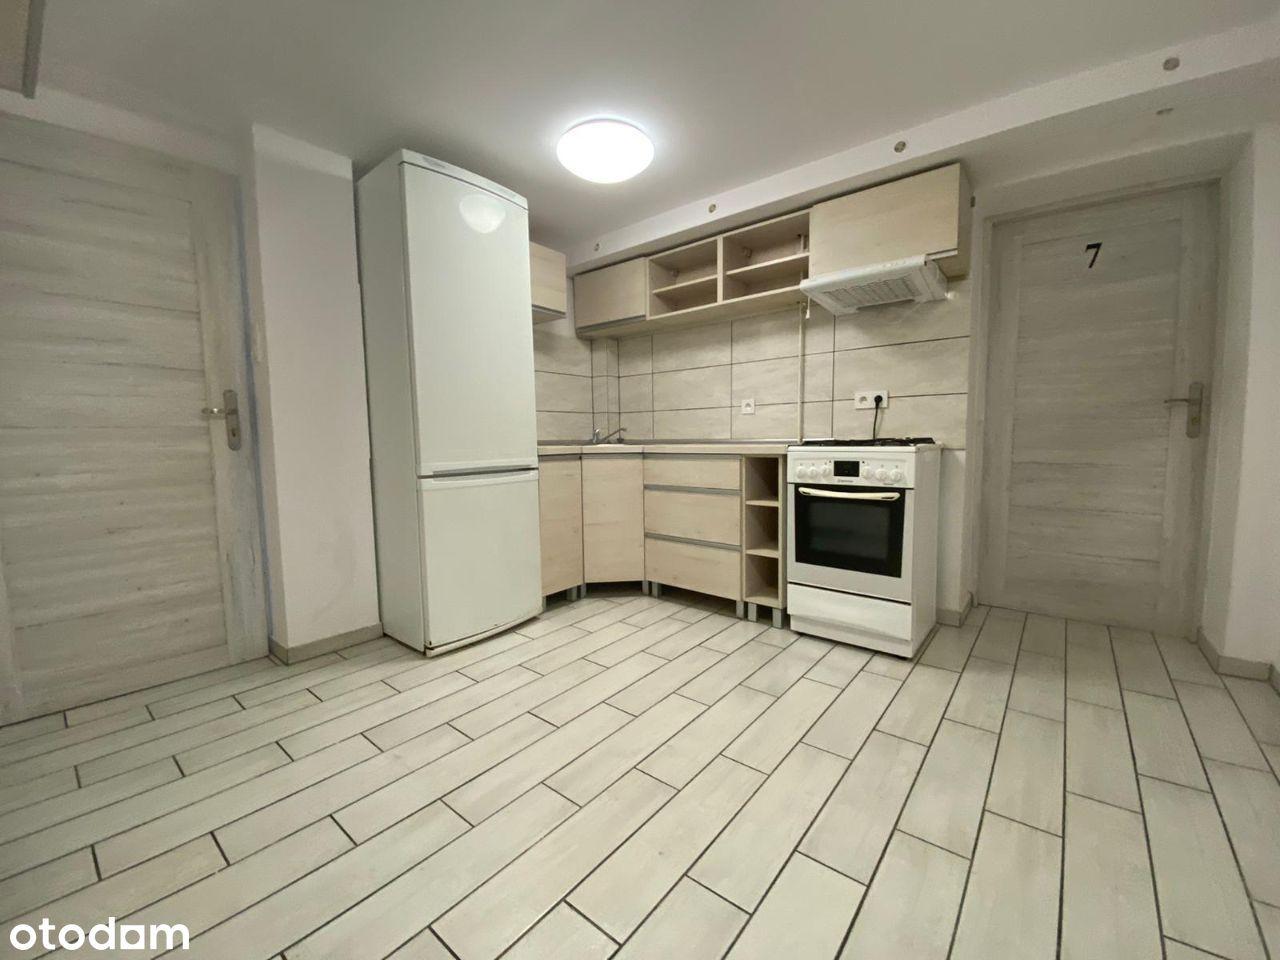 Piętro w domu - Raculka